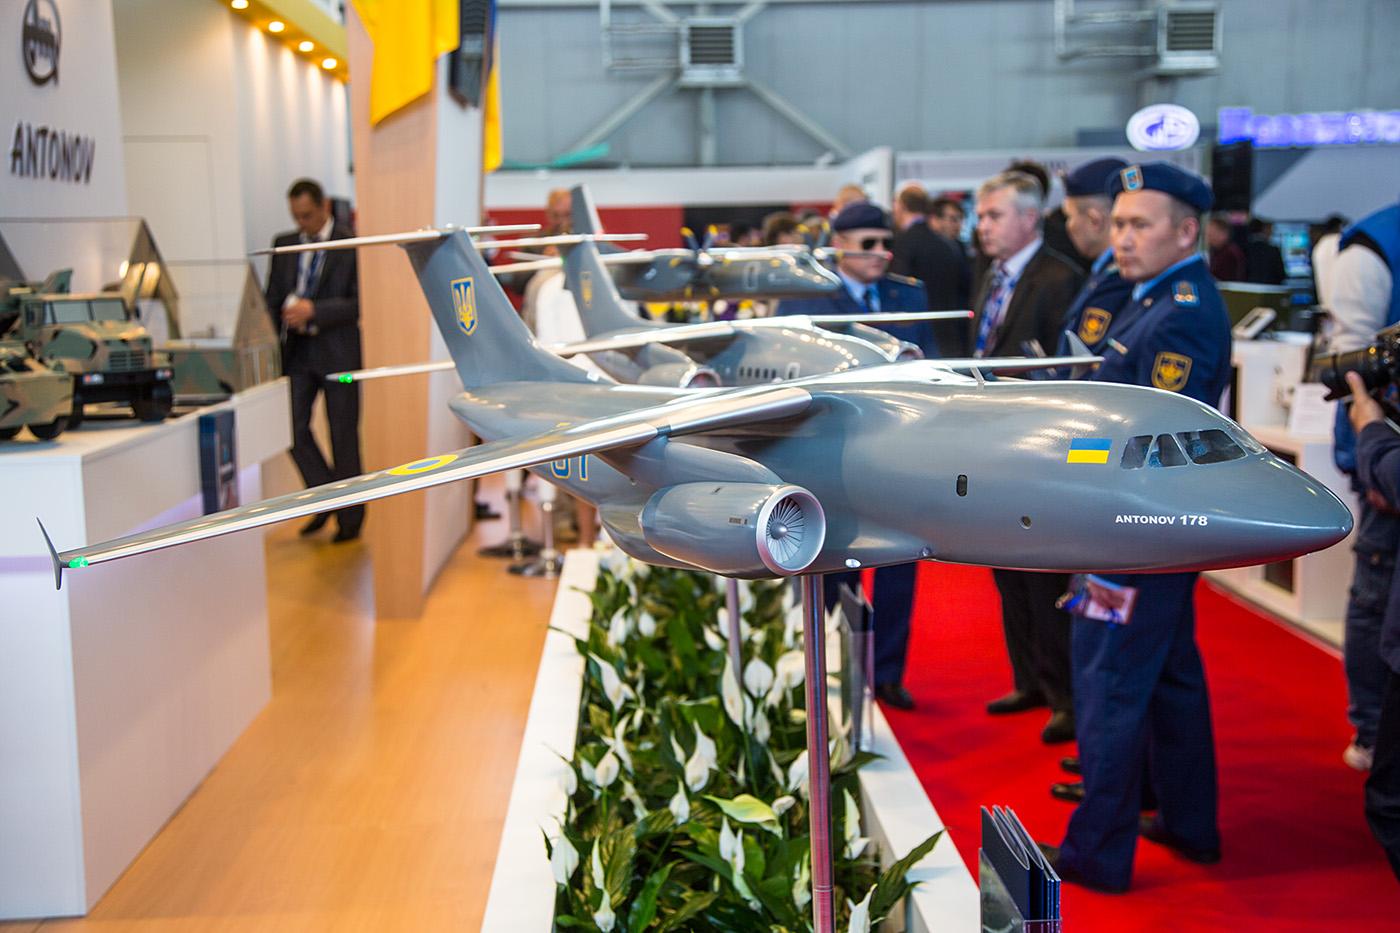 Am Stand von Antonov aus der Ukraine wurden verschiedene Versionen der An-178 gezeigt.